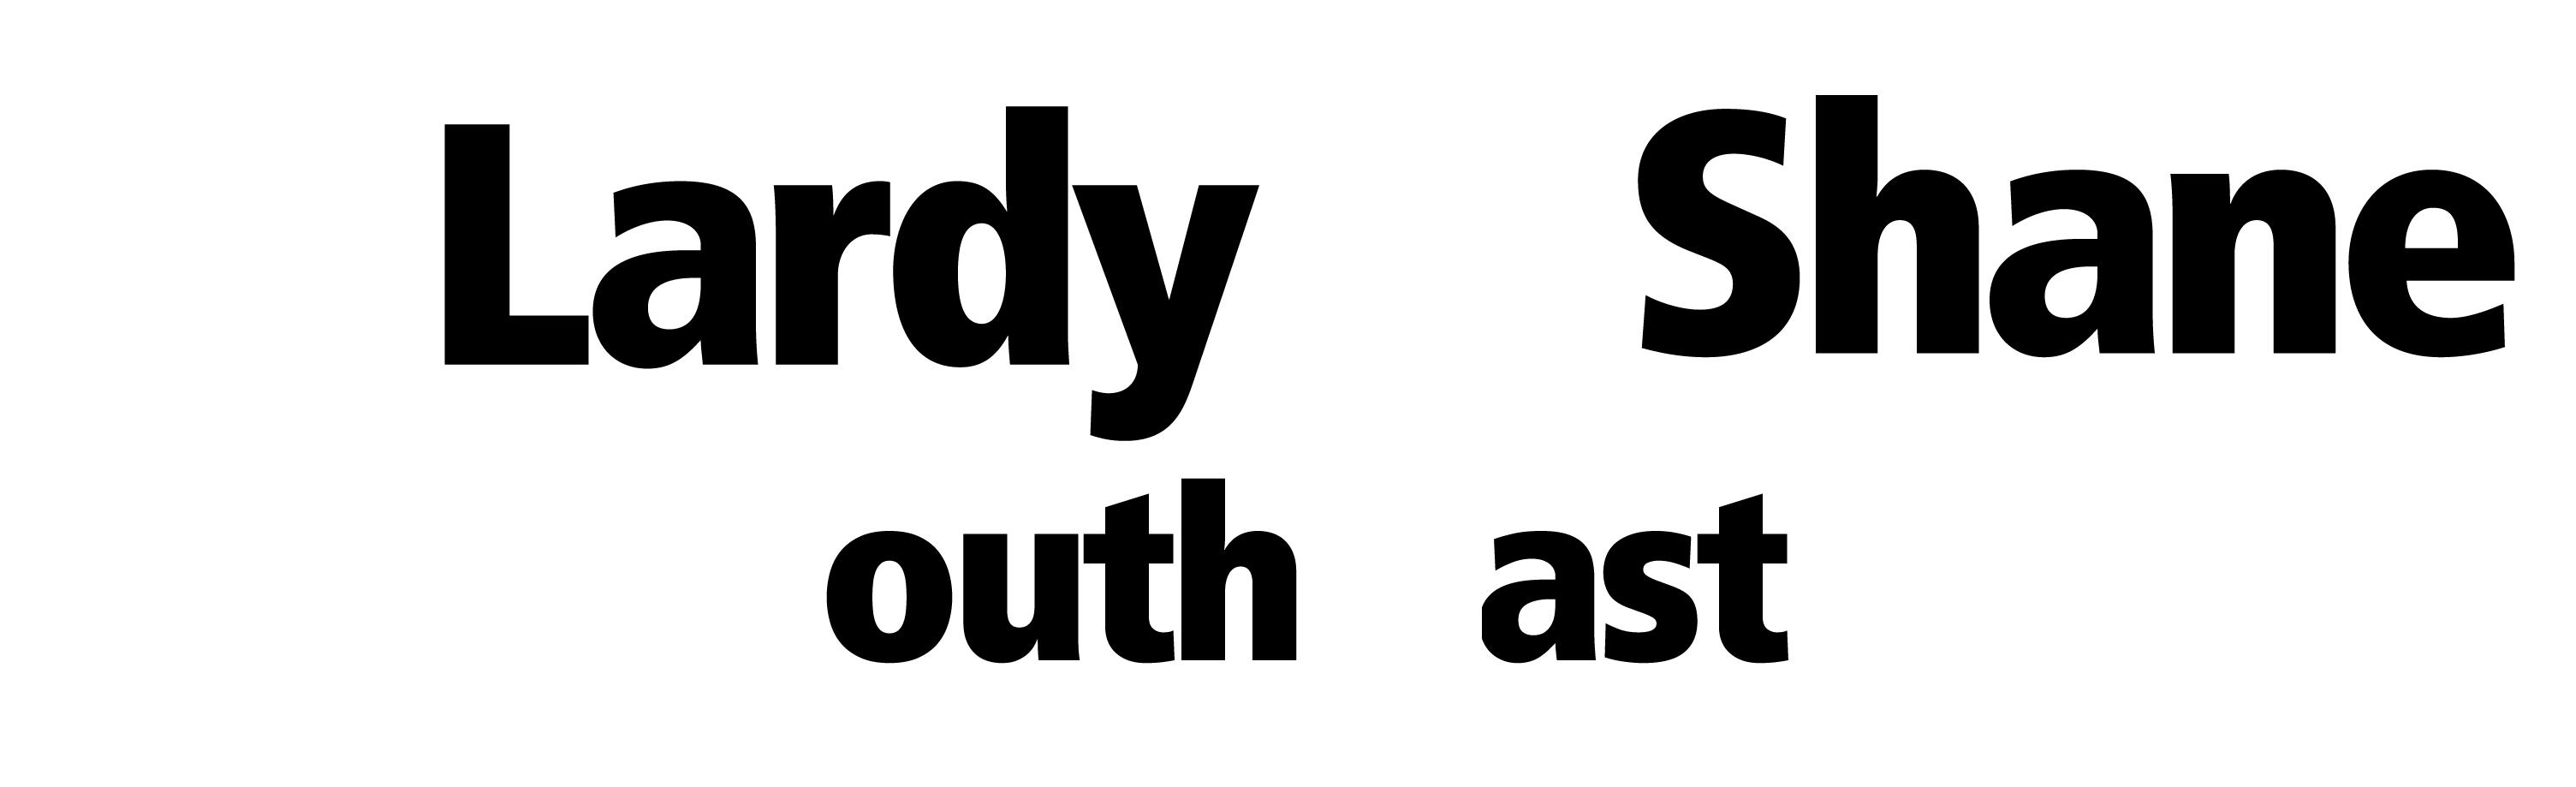 McLardy McShane South East